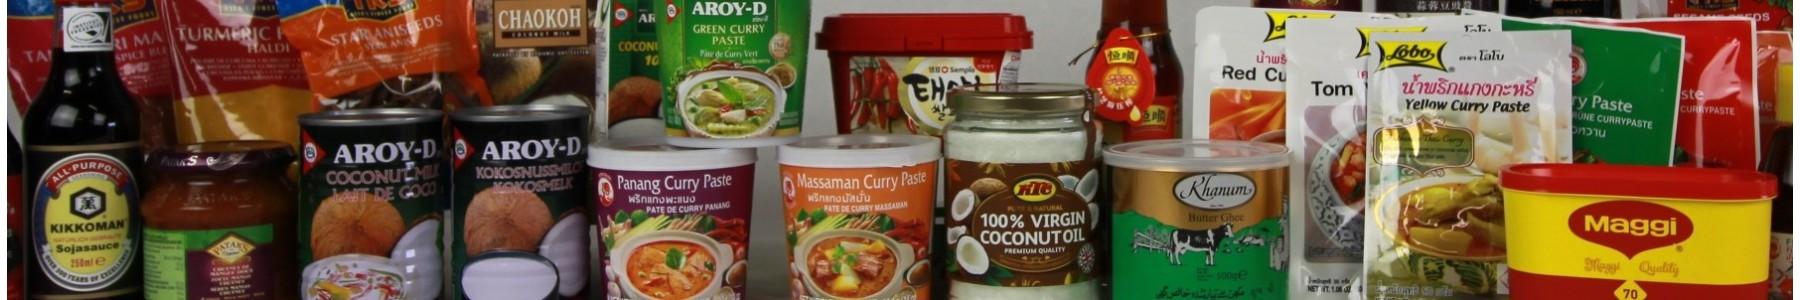 oosterse kruden, specerijen, oliën en vetstoffen, sausen en kokos